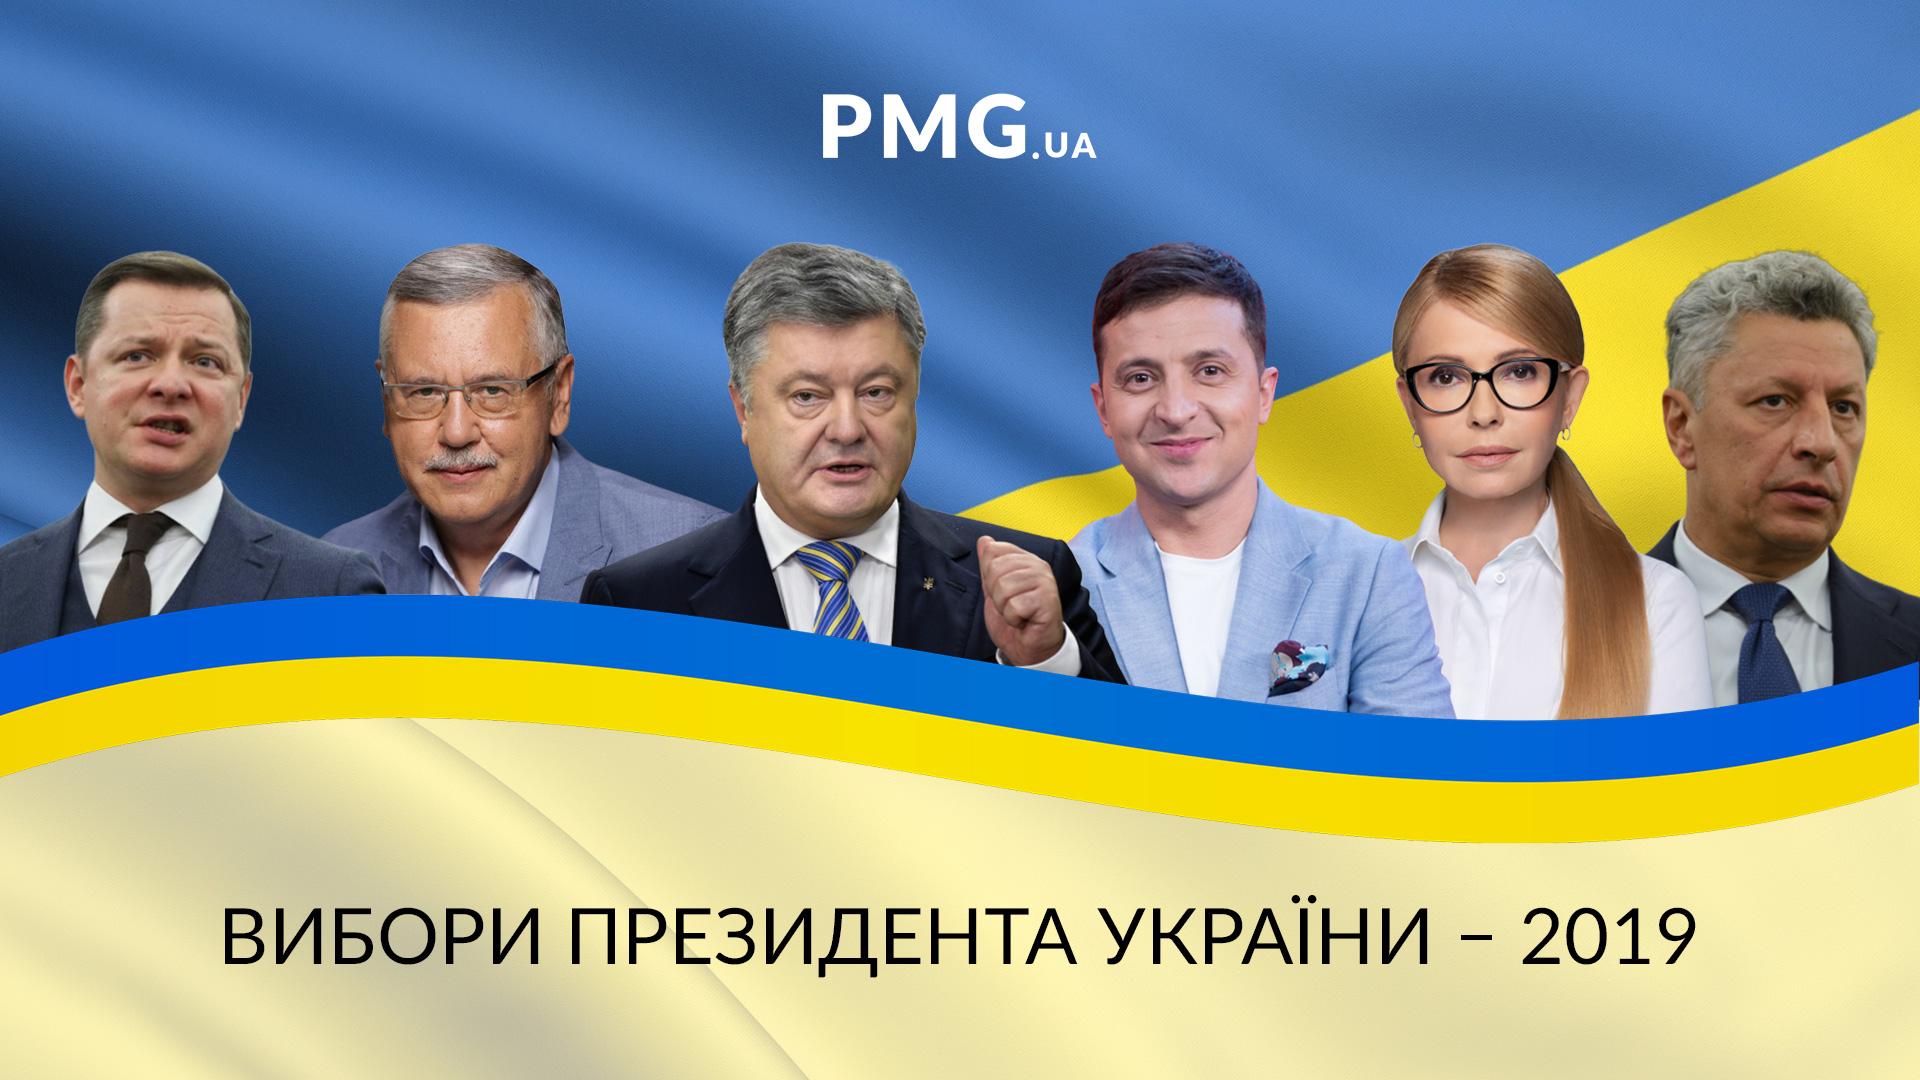 31 березня 2019 року в Україні відбудуться вибори президента: в кого найбільші шанси на перемогу